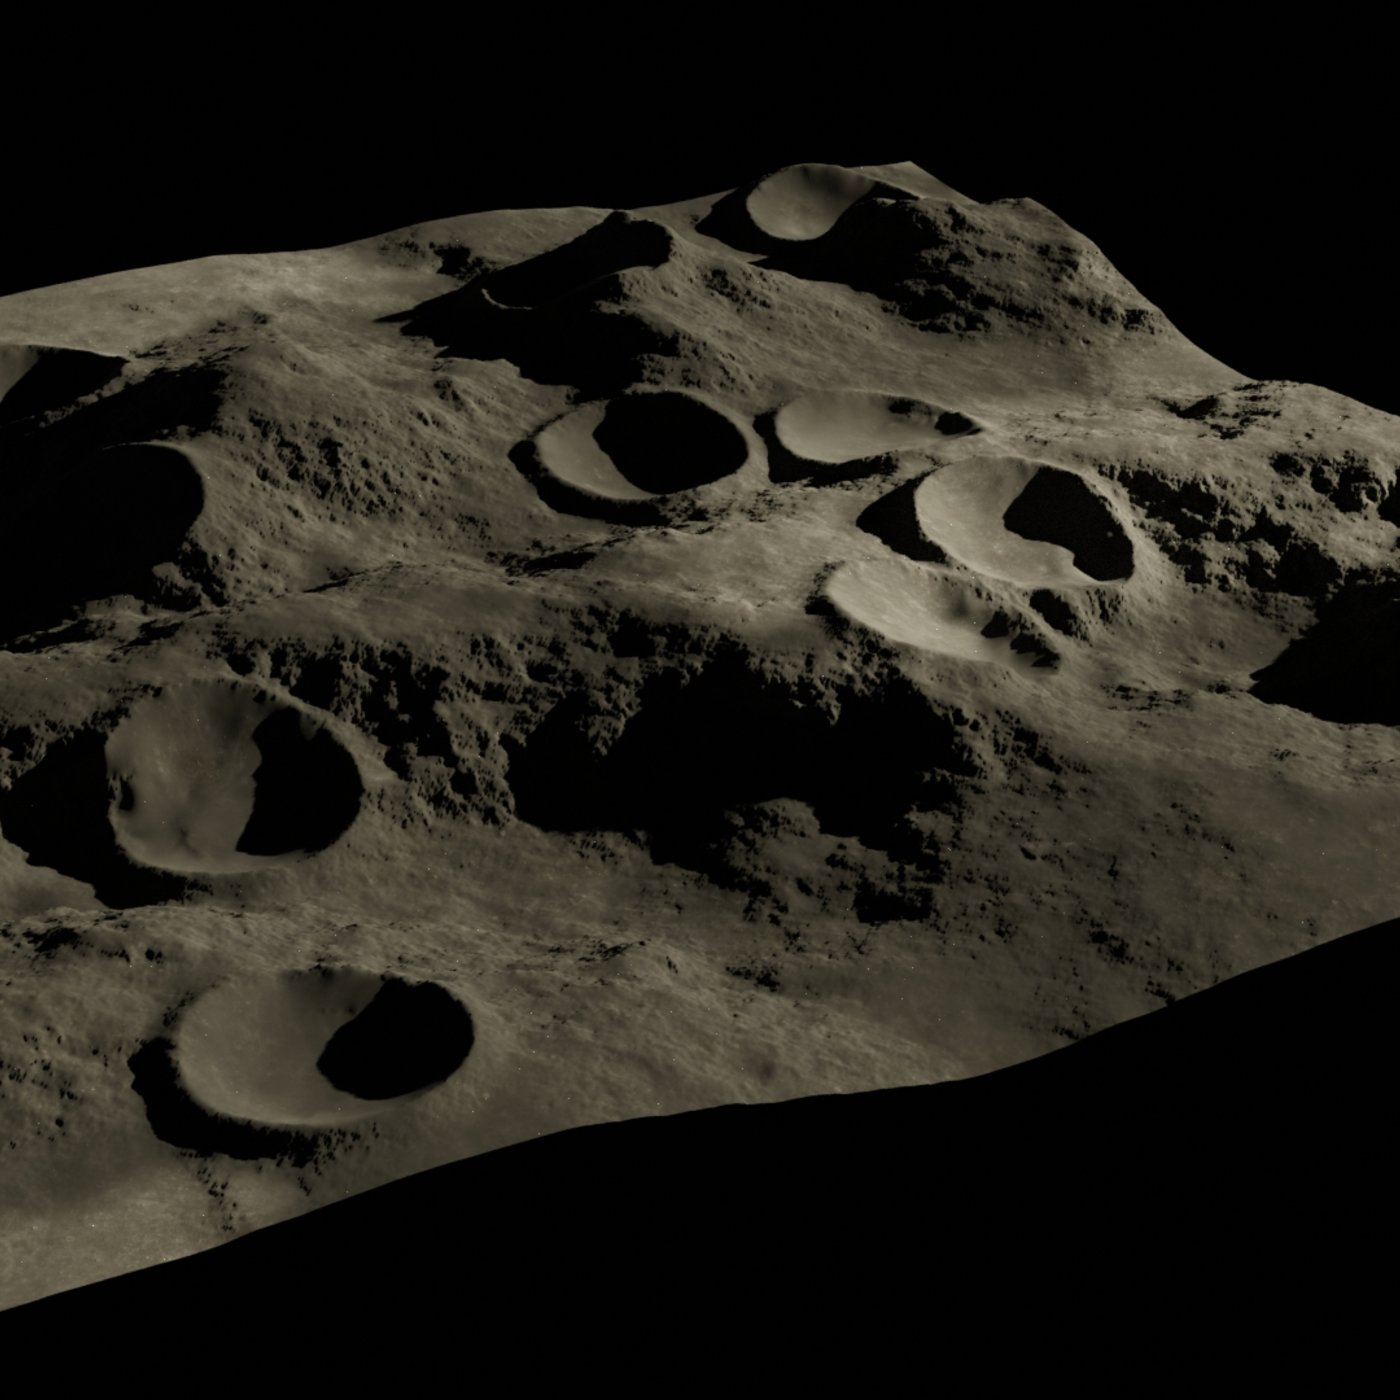 Moon crater 3D